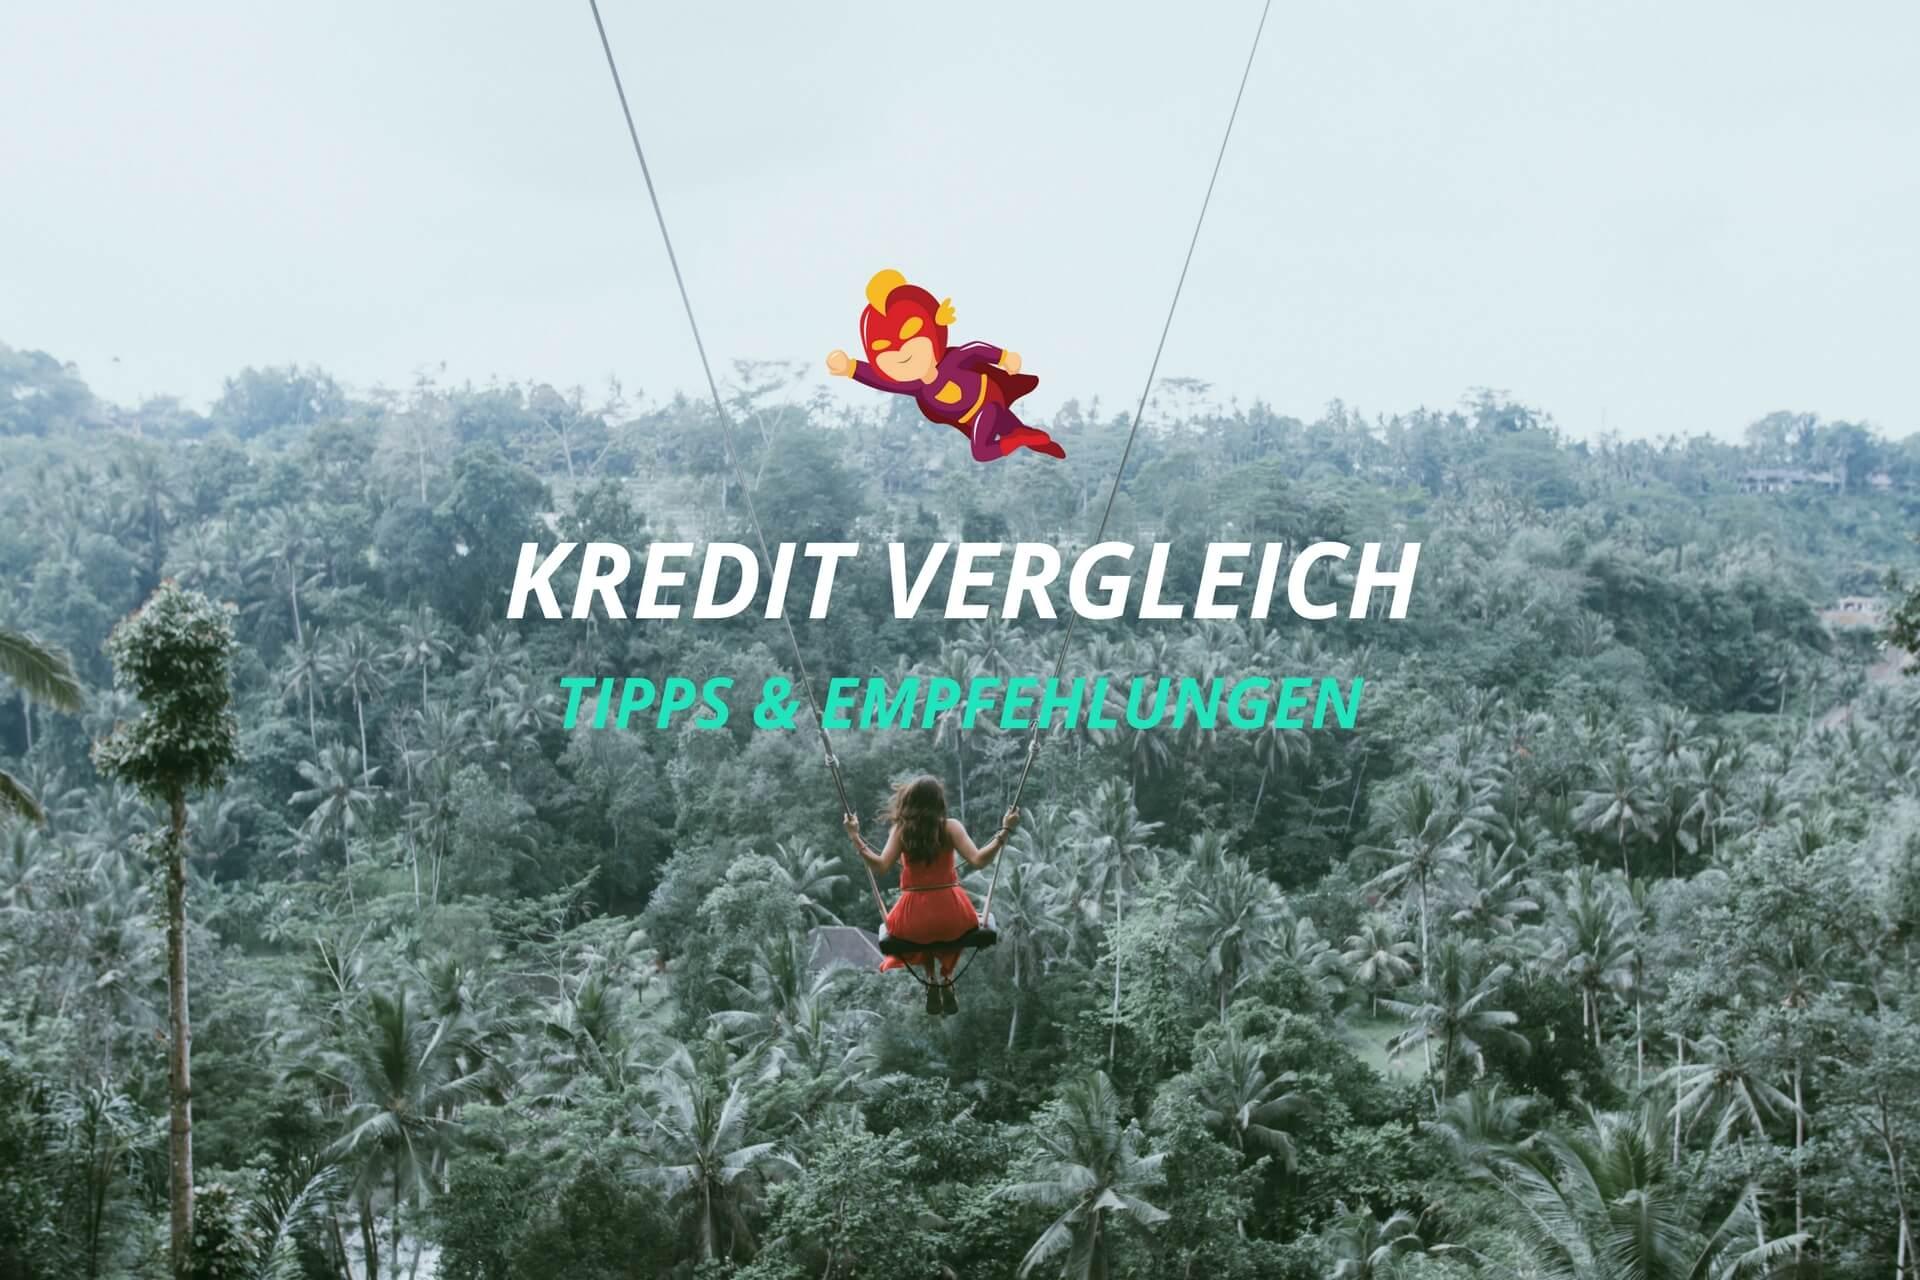 Kreditvergleich - Finanzhelden.org